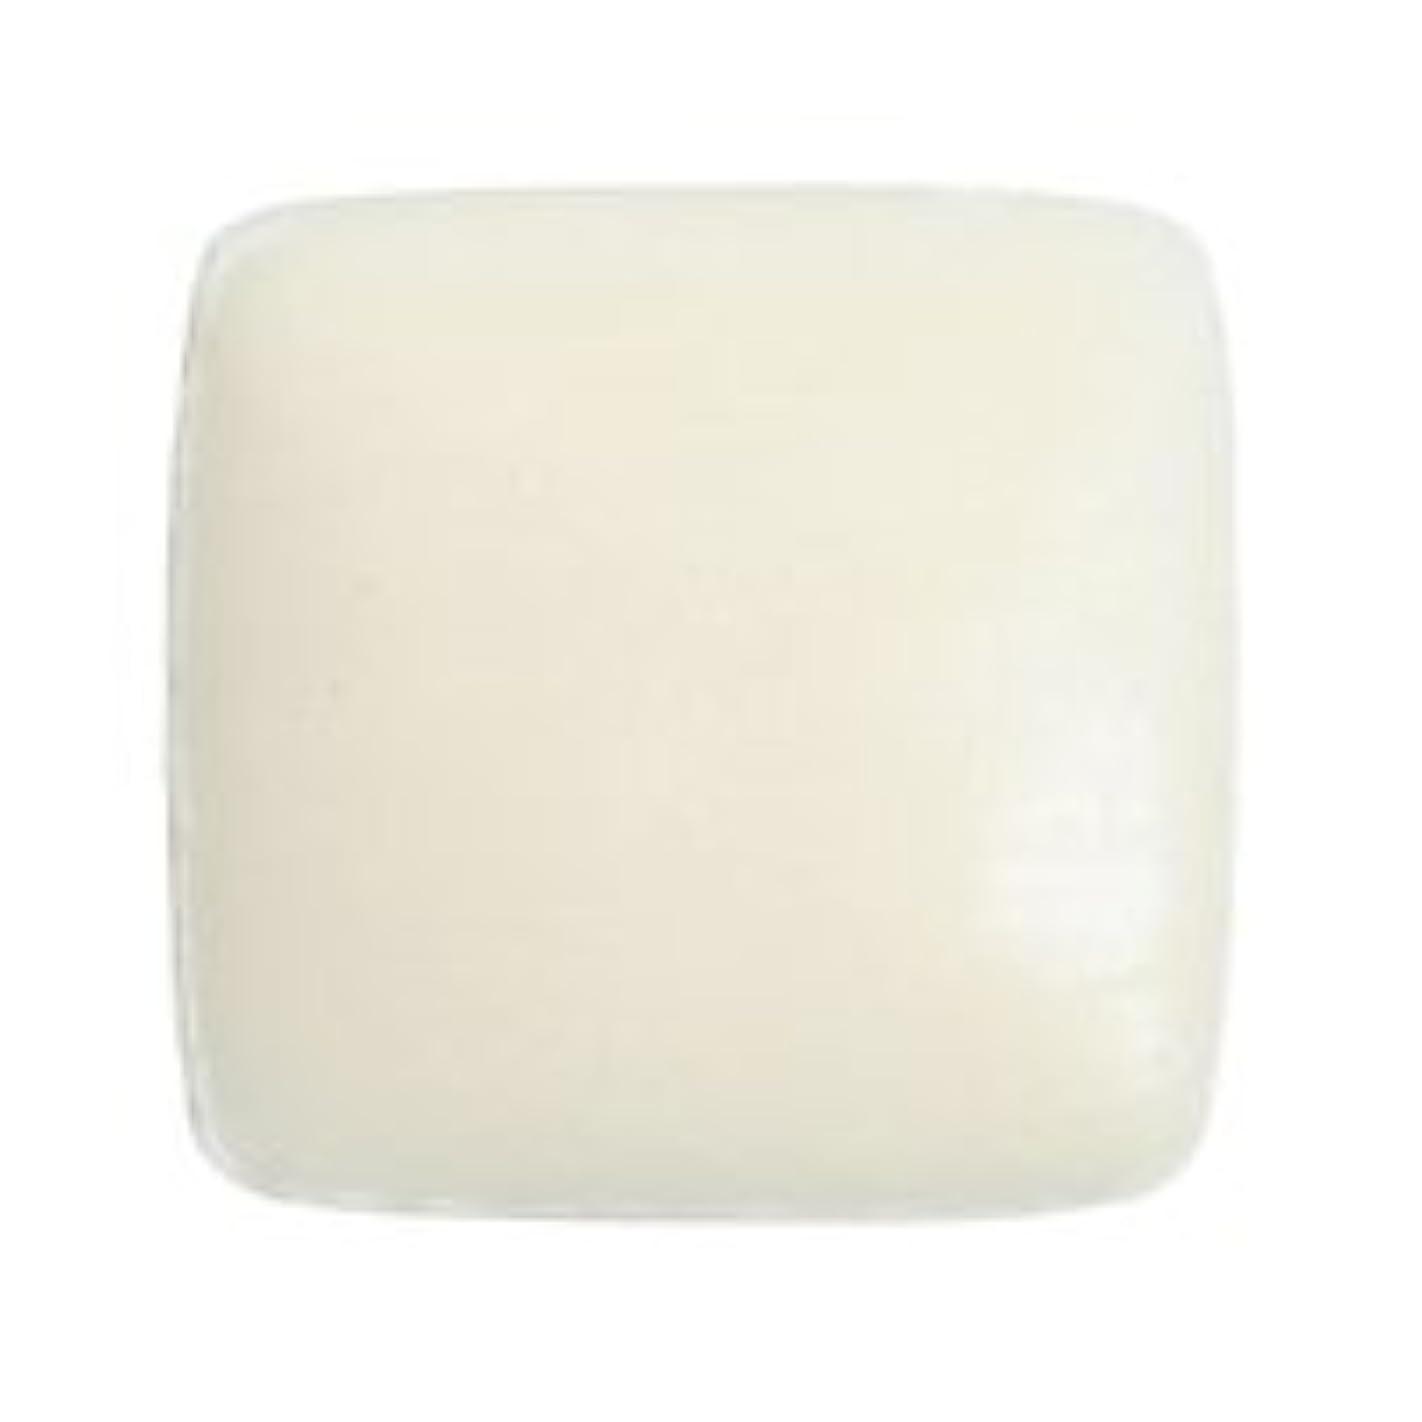 チロ軍隊穴ドクターY ホワイトクレイソープ80g 固形石鹸